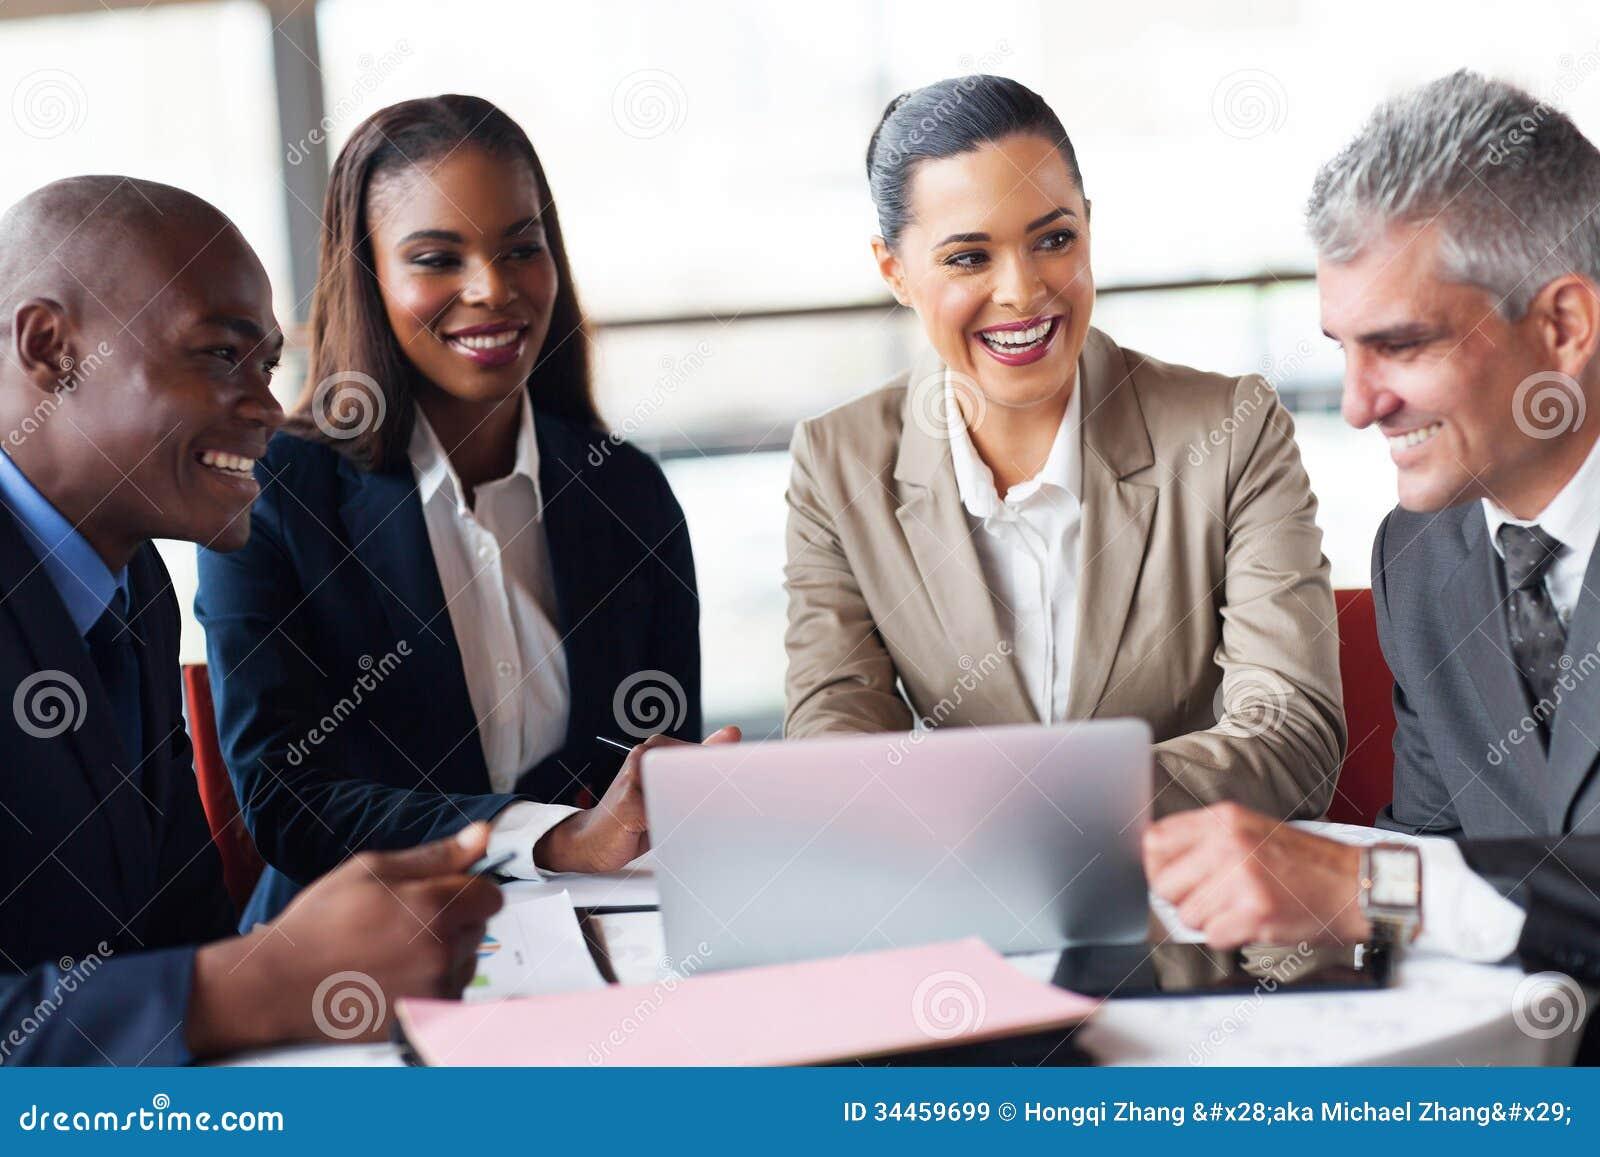 Συνάντηση επιχειρηματιών